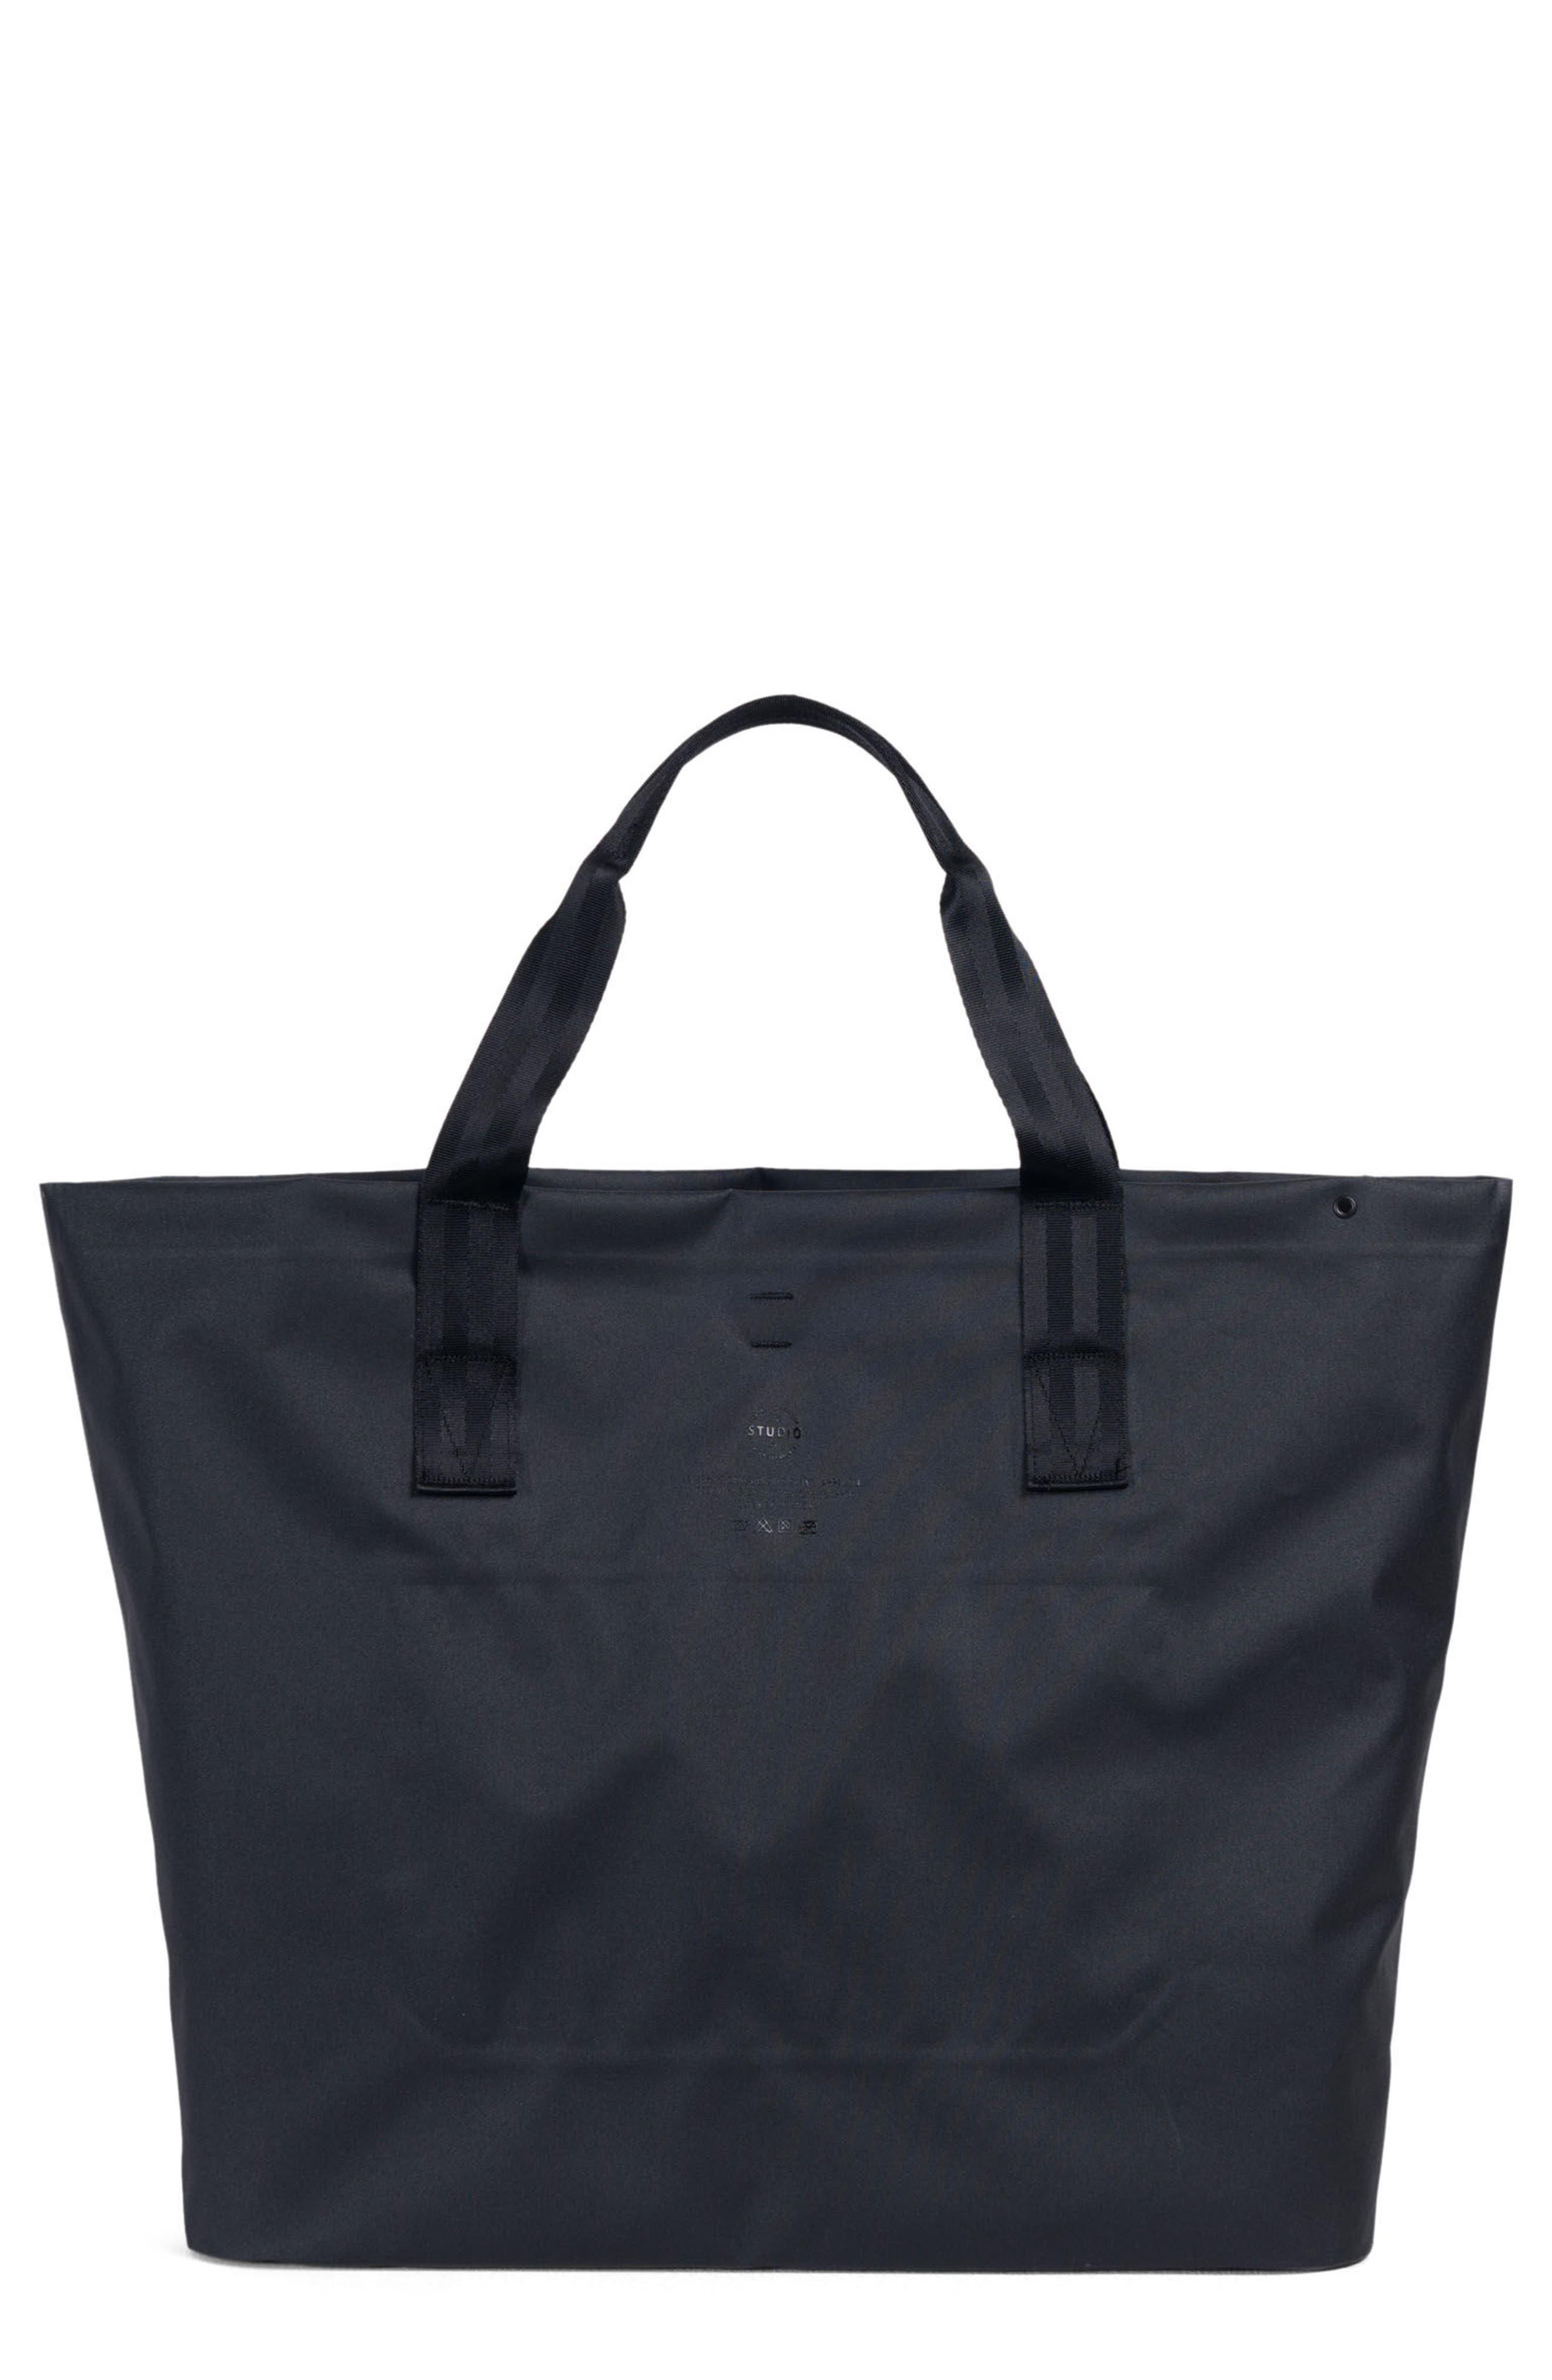 Tarpaulin Alexander Studio Tote Bag,                             Main thumbnail 1, color,                             Black